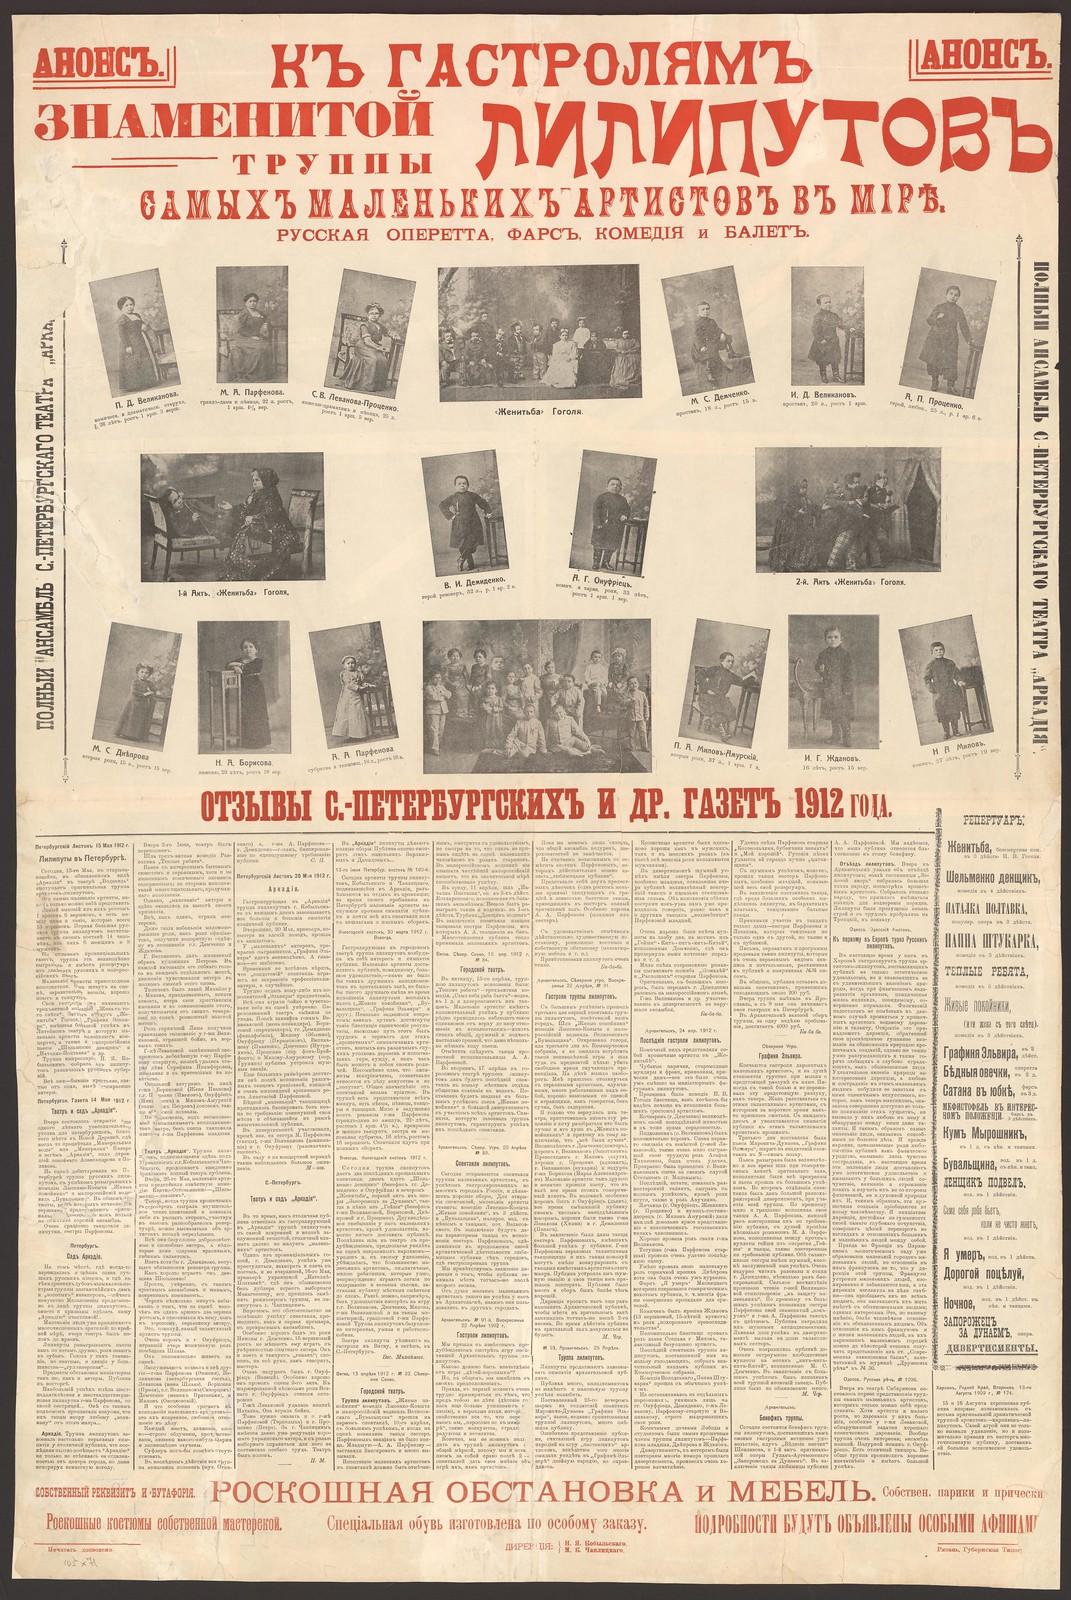 1909. К гастролям знаменитой труппы лилипутов, самых маленьких артистов в мире...